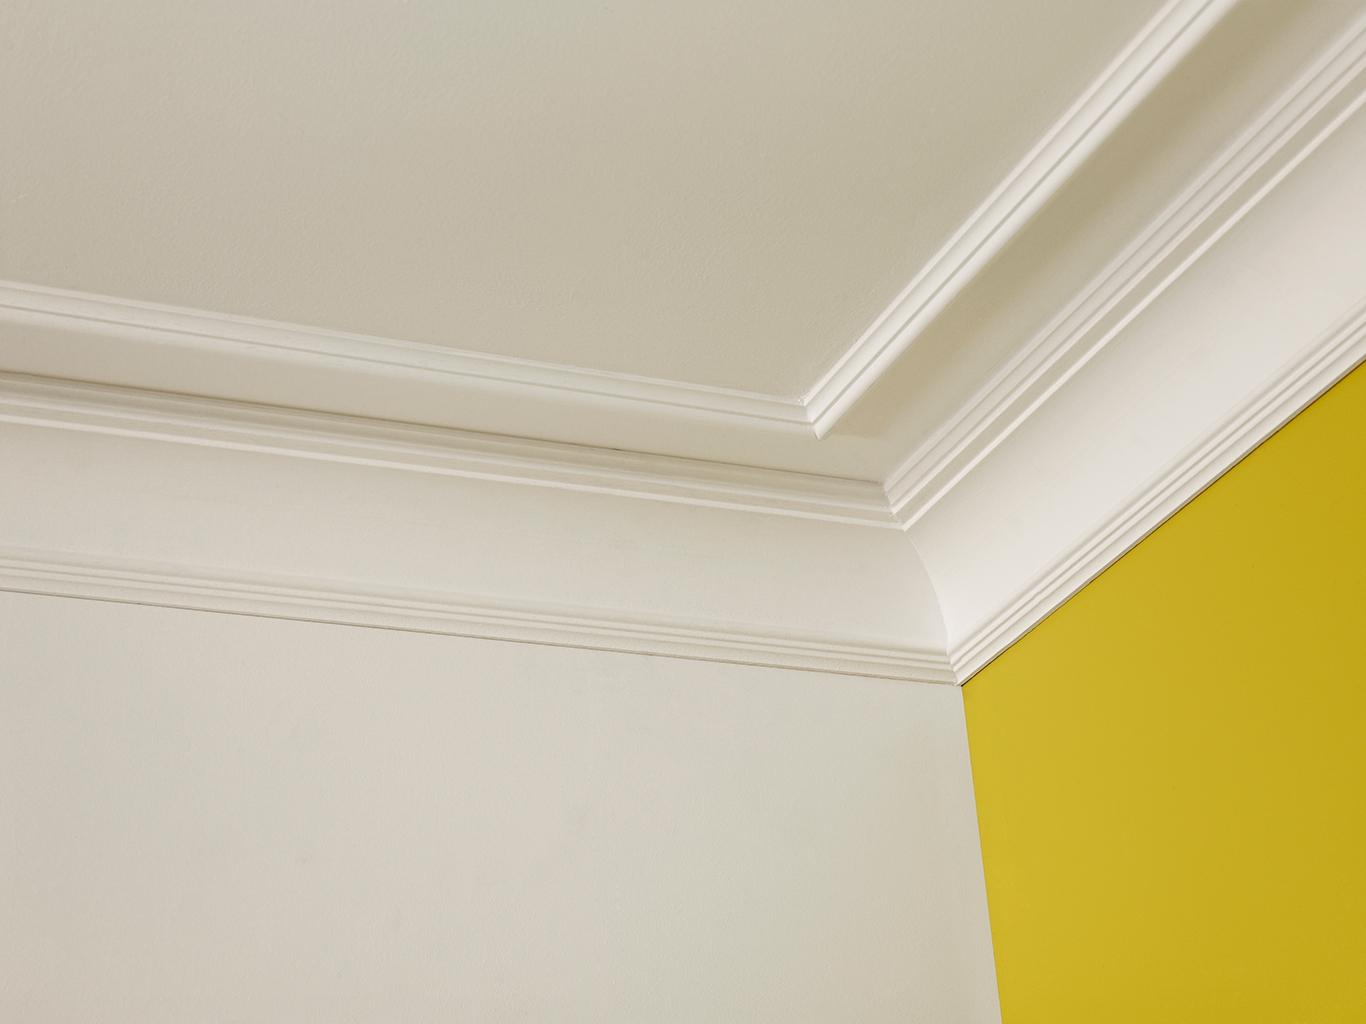 фото рем багетами потолка и обоями после термического воздействия